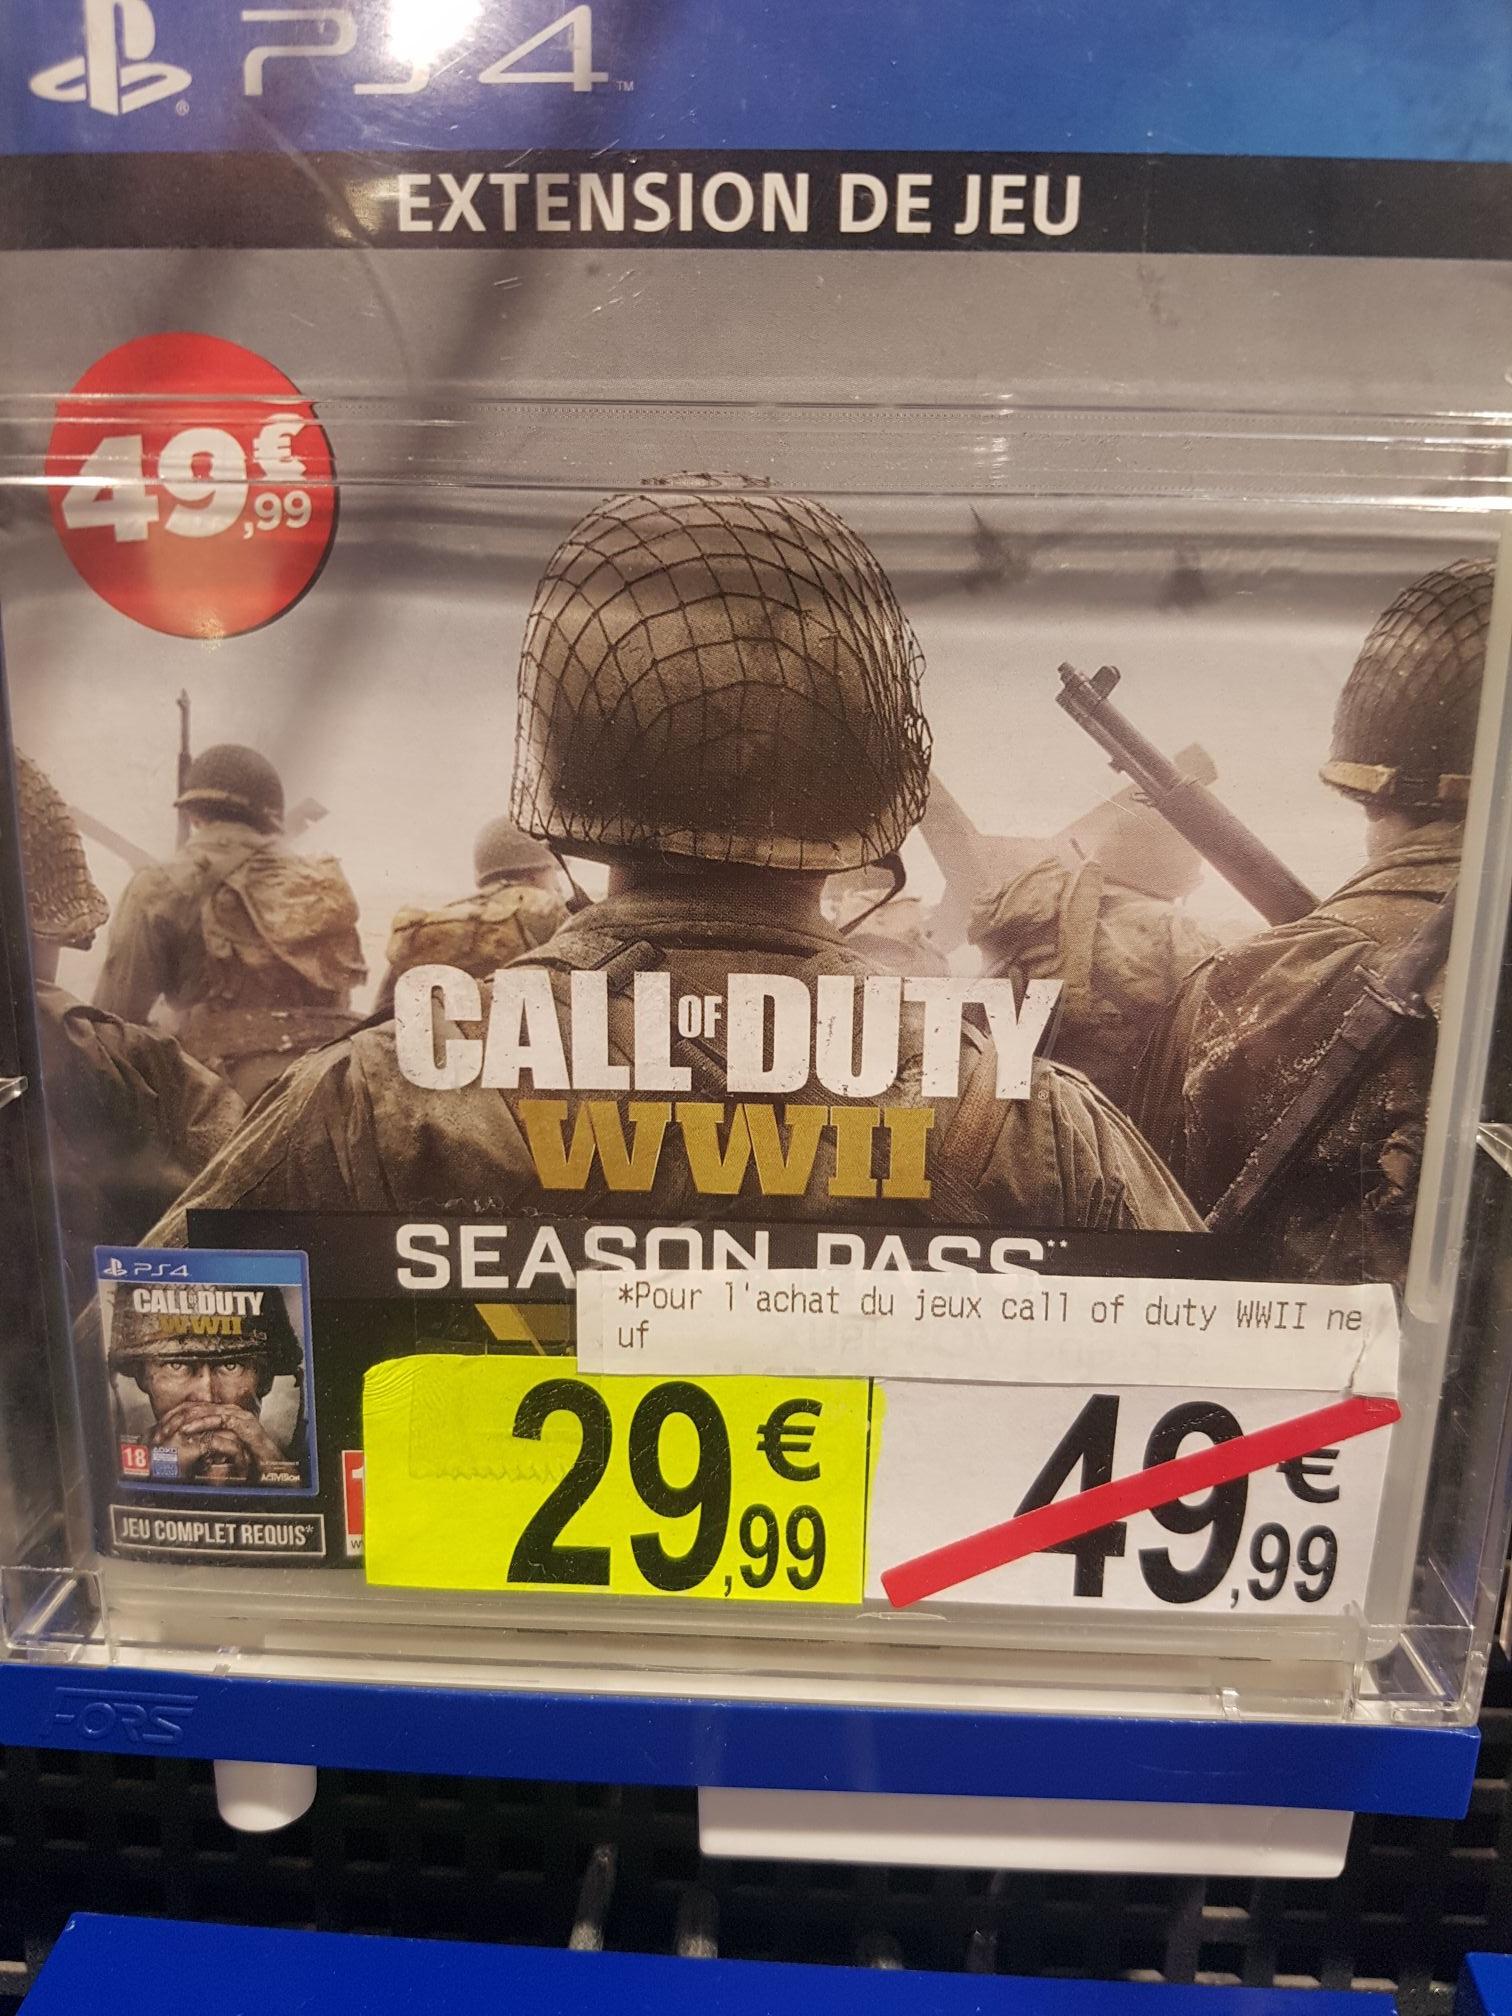 Season Pass pour Call of Duty: WWII sur PS4 pour l'achat du Jeu Neuf - La Riche (37)